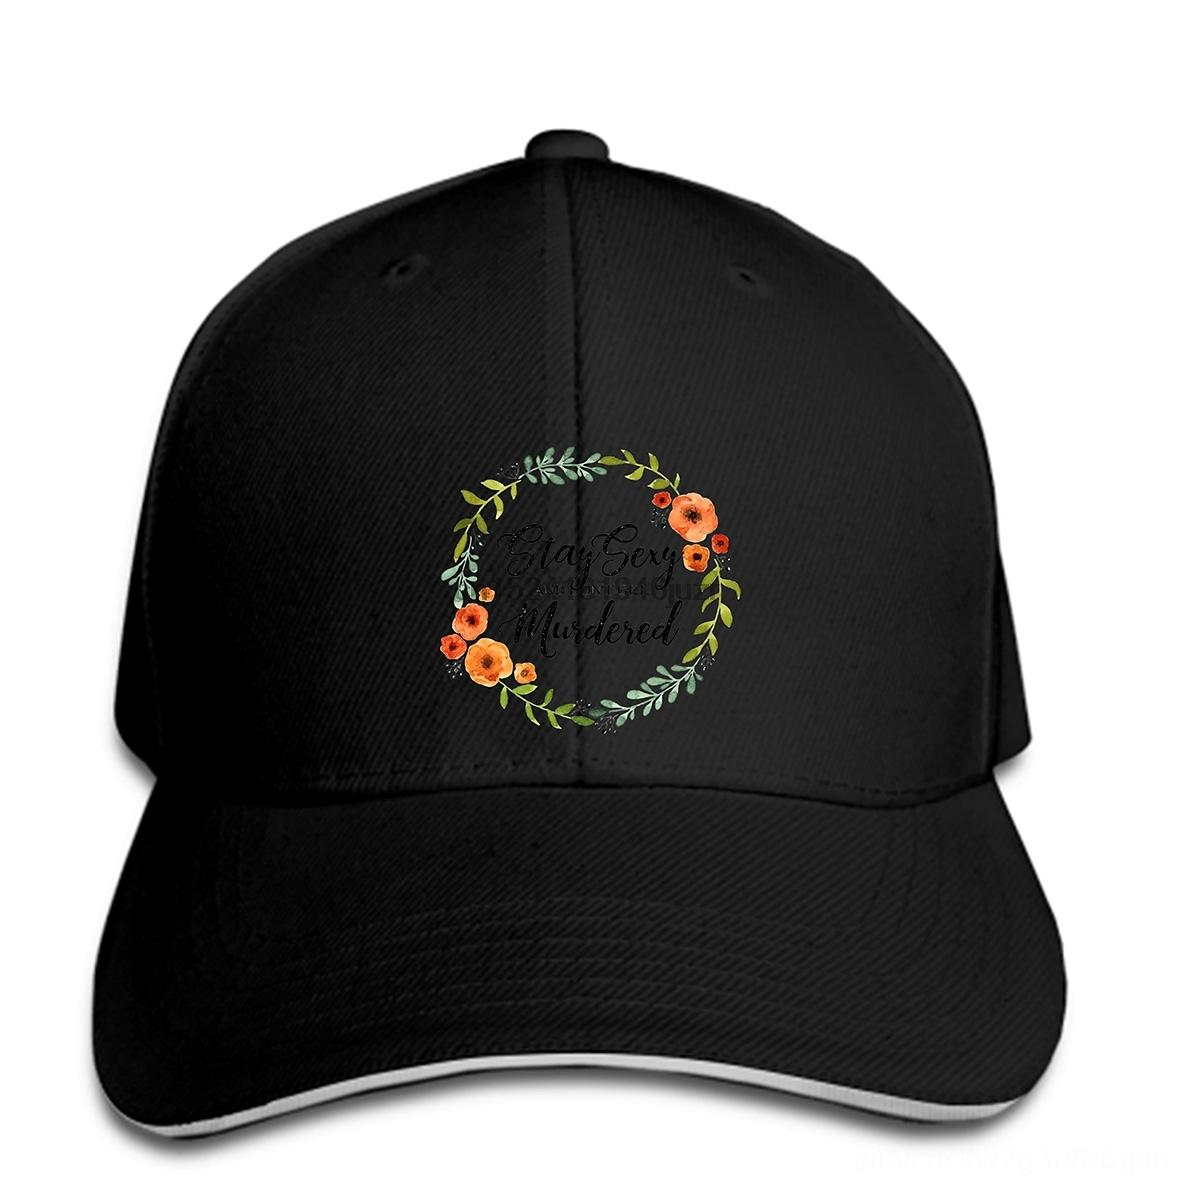 힙합 모자 캡 모자, 스카프, 장갑 야구는 사용자 지정 인쇄 모자 남성 꽃 화환 그대로 섹시 망가 살해하기 Ssdgm 여성 SN 캡